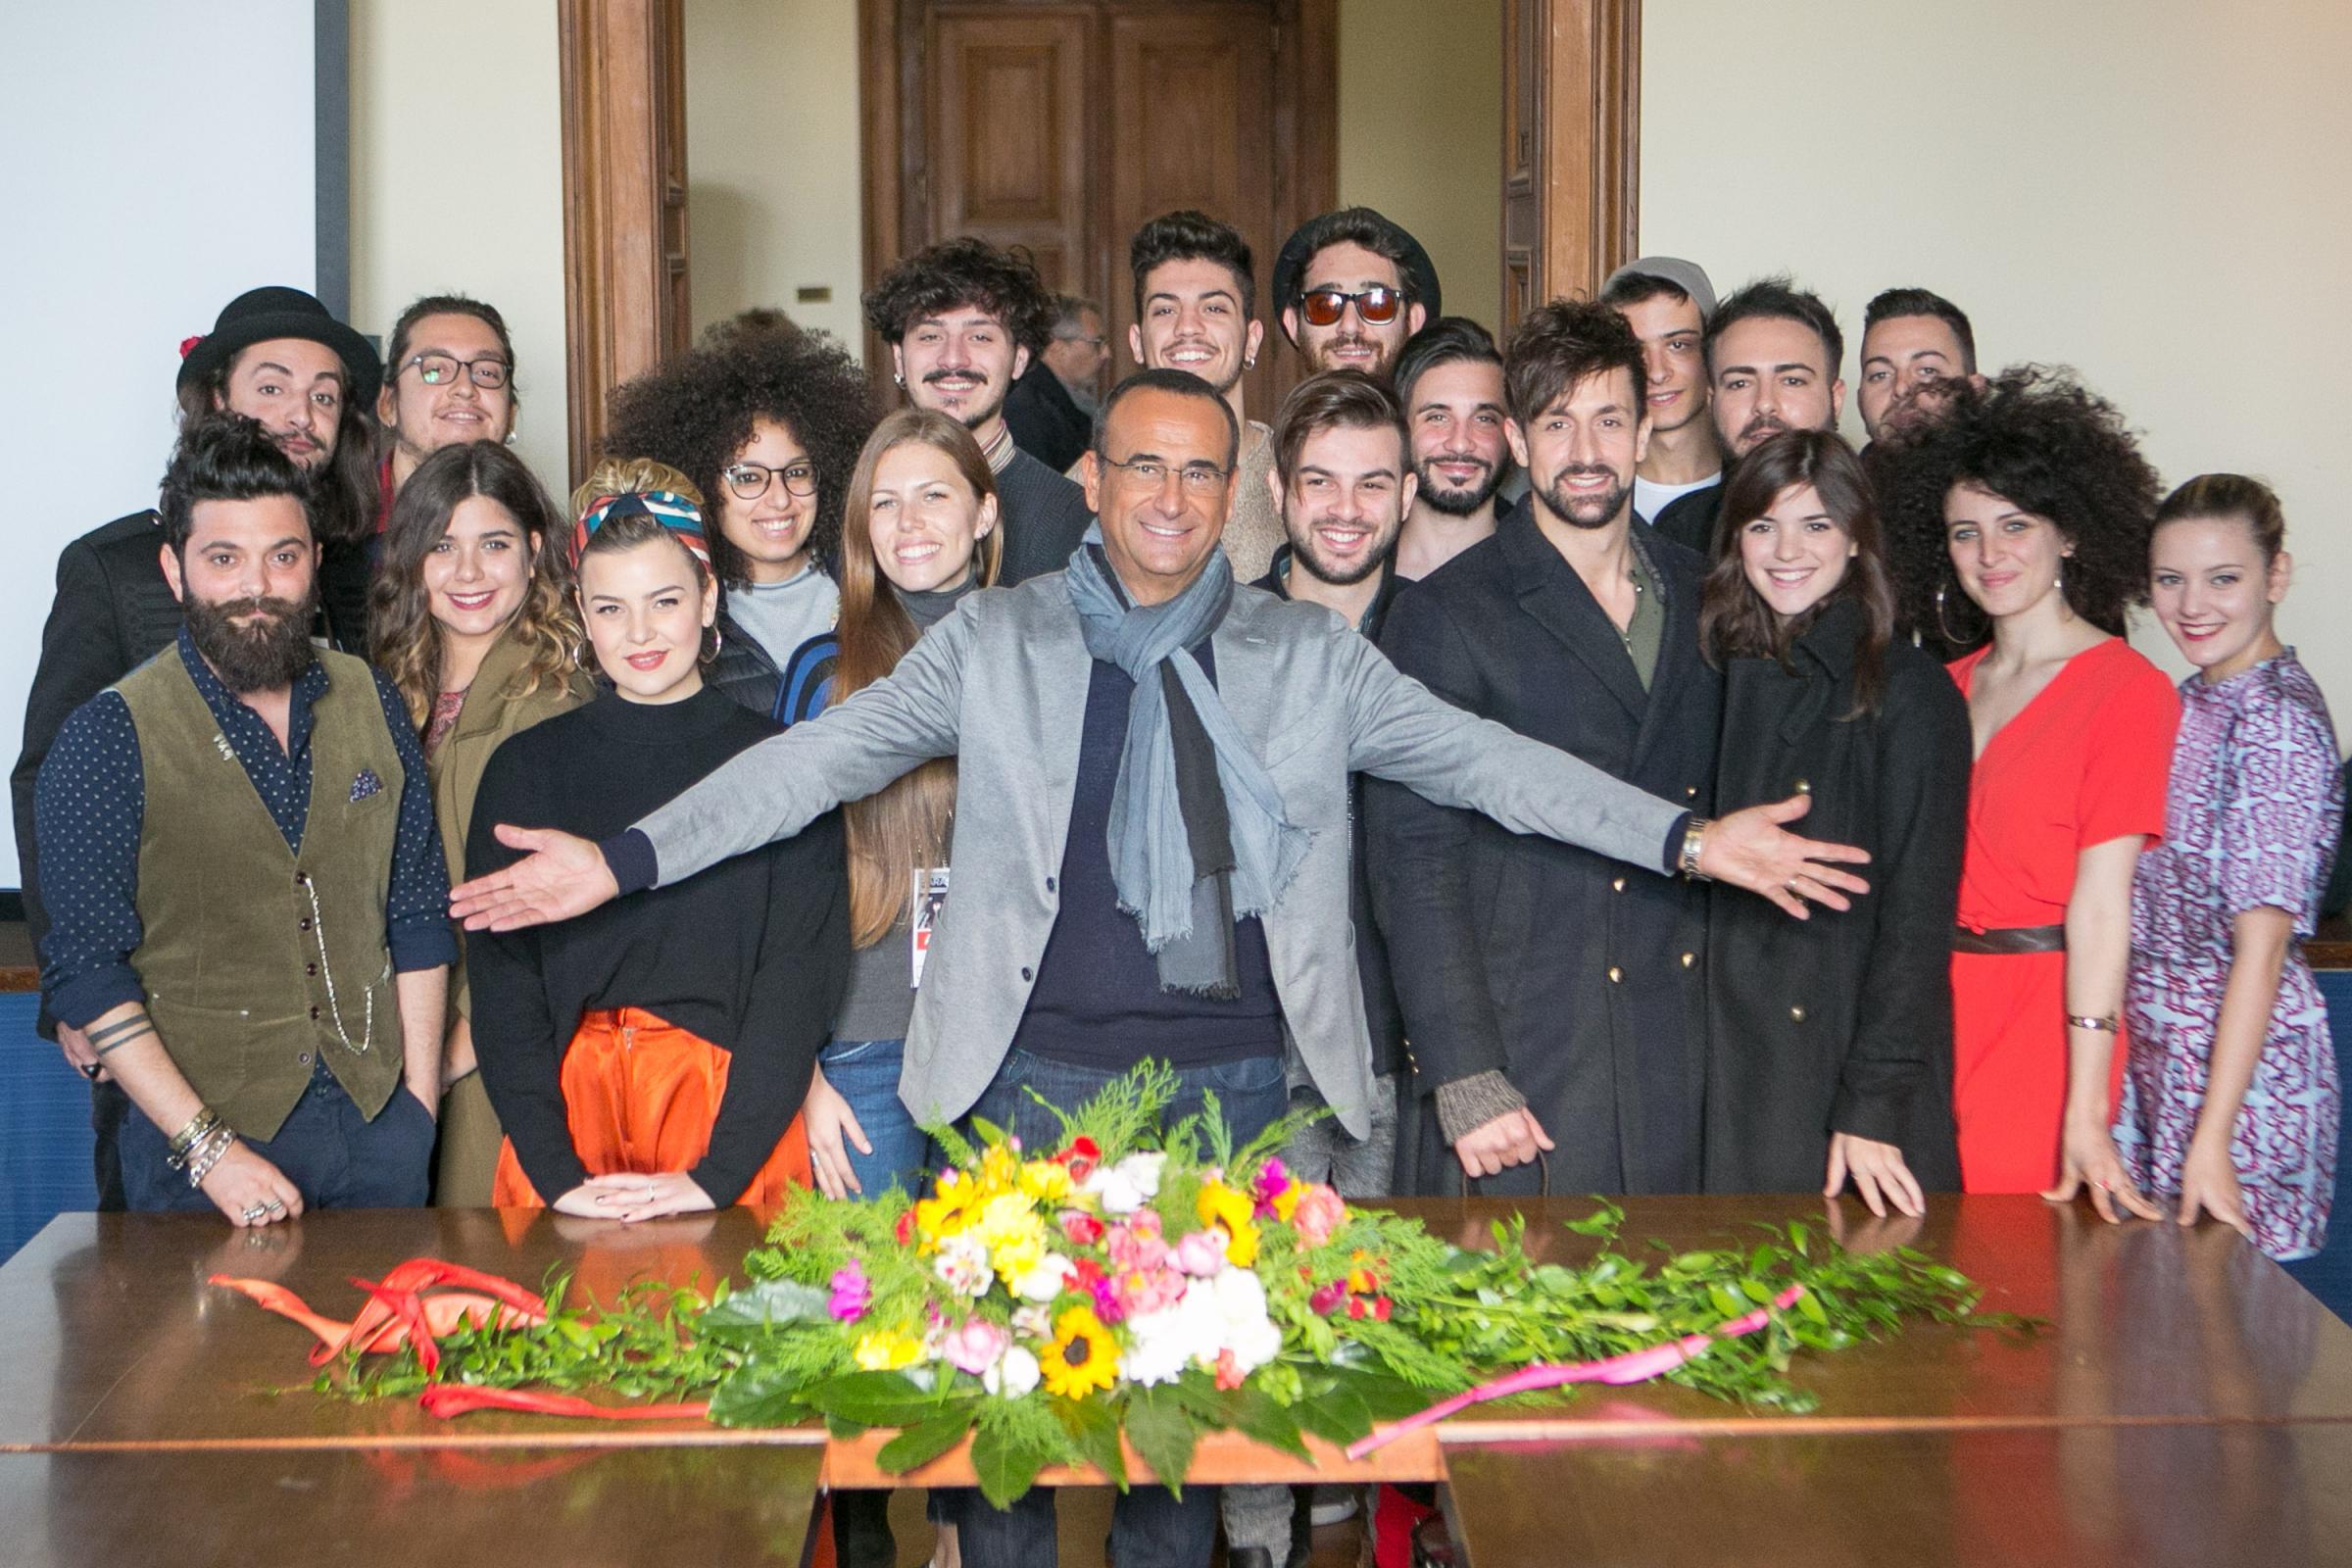 Festival di Sanremo 2017, tutti i cantanti in gara: i partecipanti dai Big ai Giovani